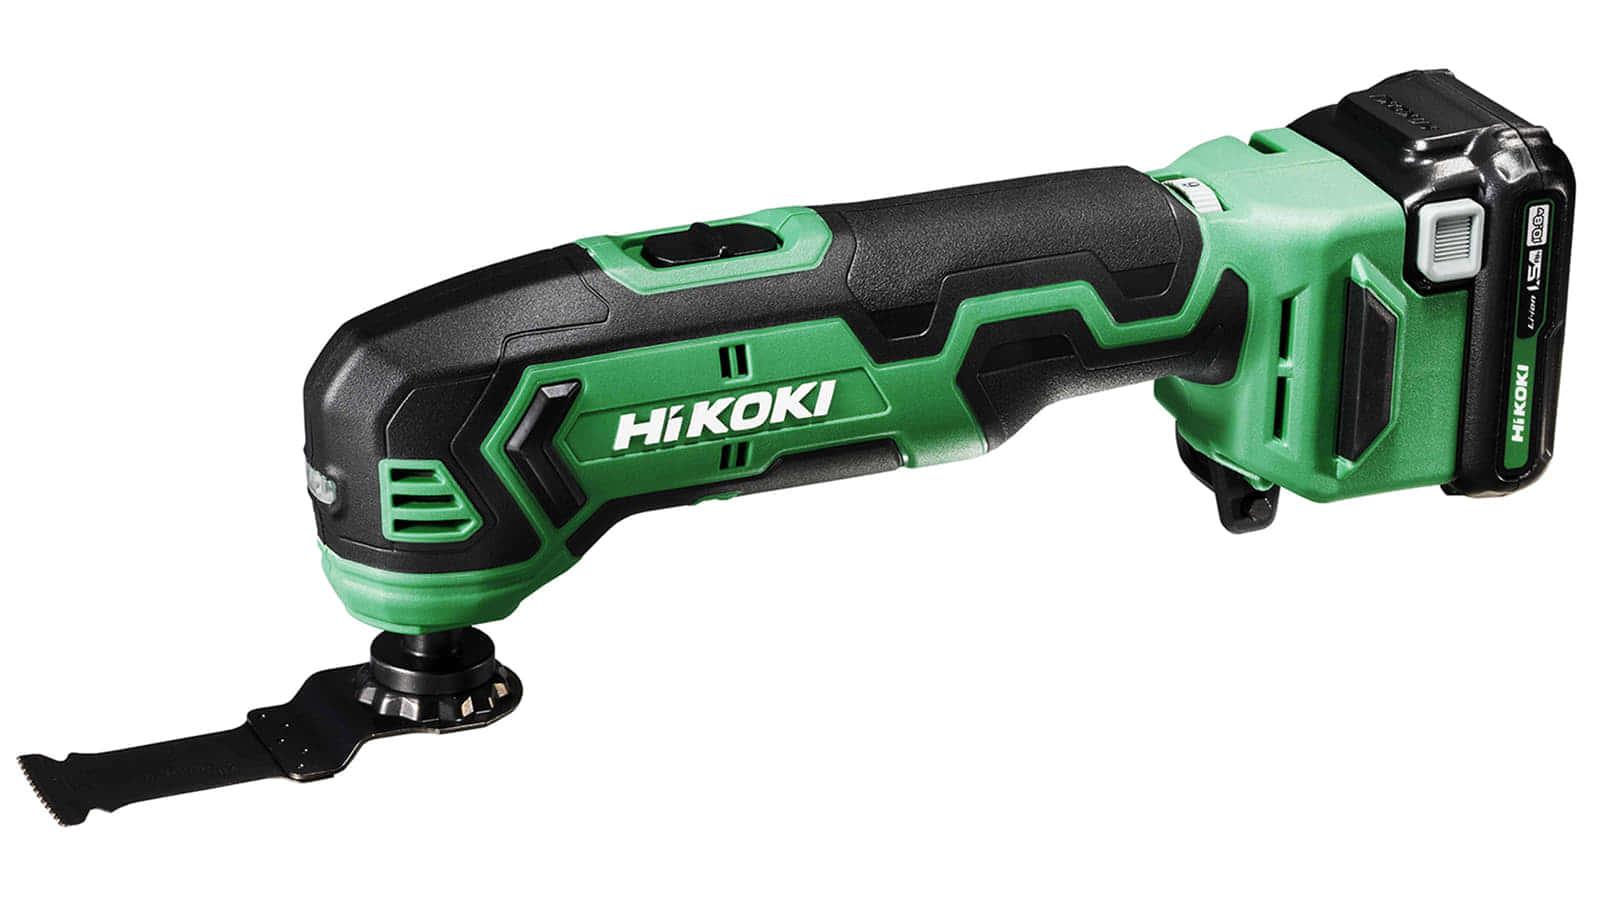 HiKOKI CV12DA マルチツール 10.8Vの軽量コンパクトのマルチツール